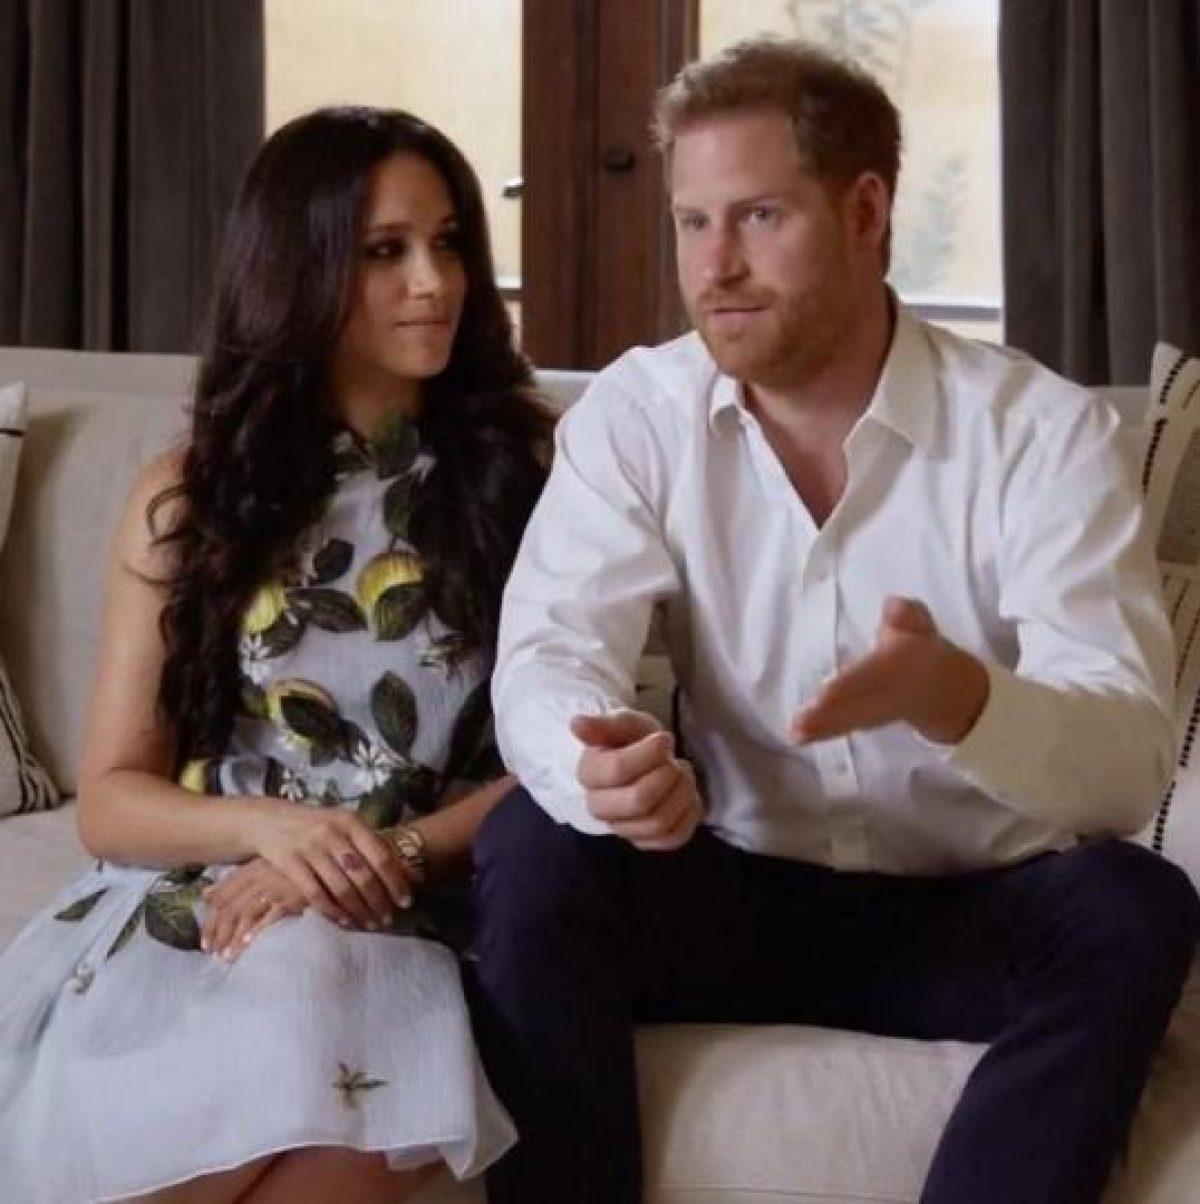 Меган Маркл и принц Гарри впервые появились на публике после известия о второй беременности